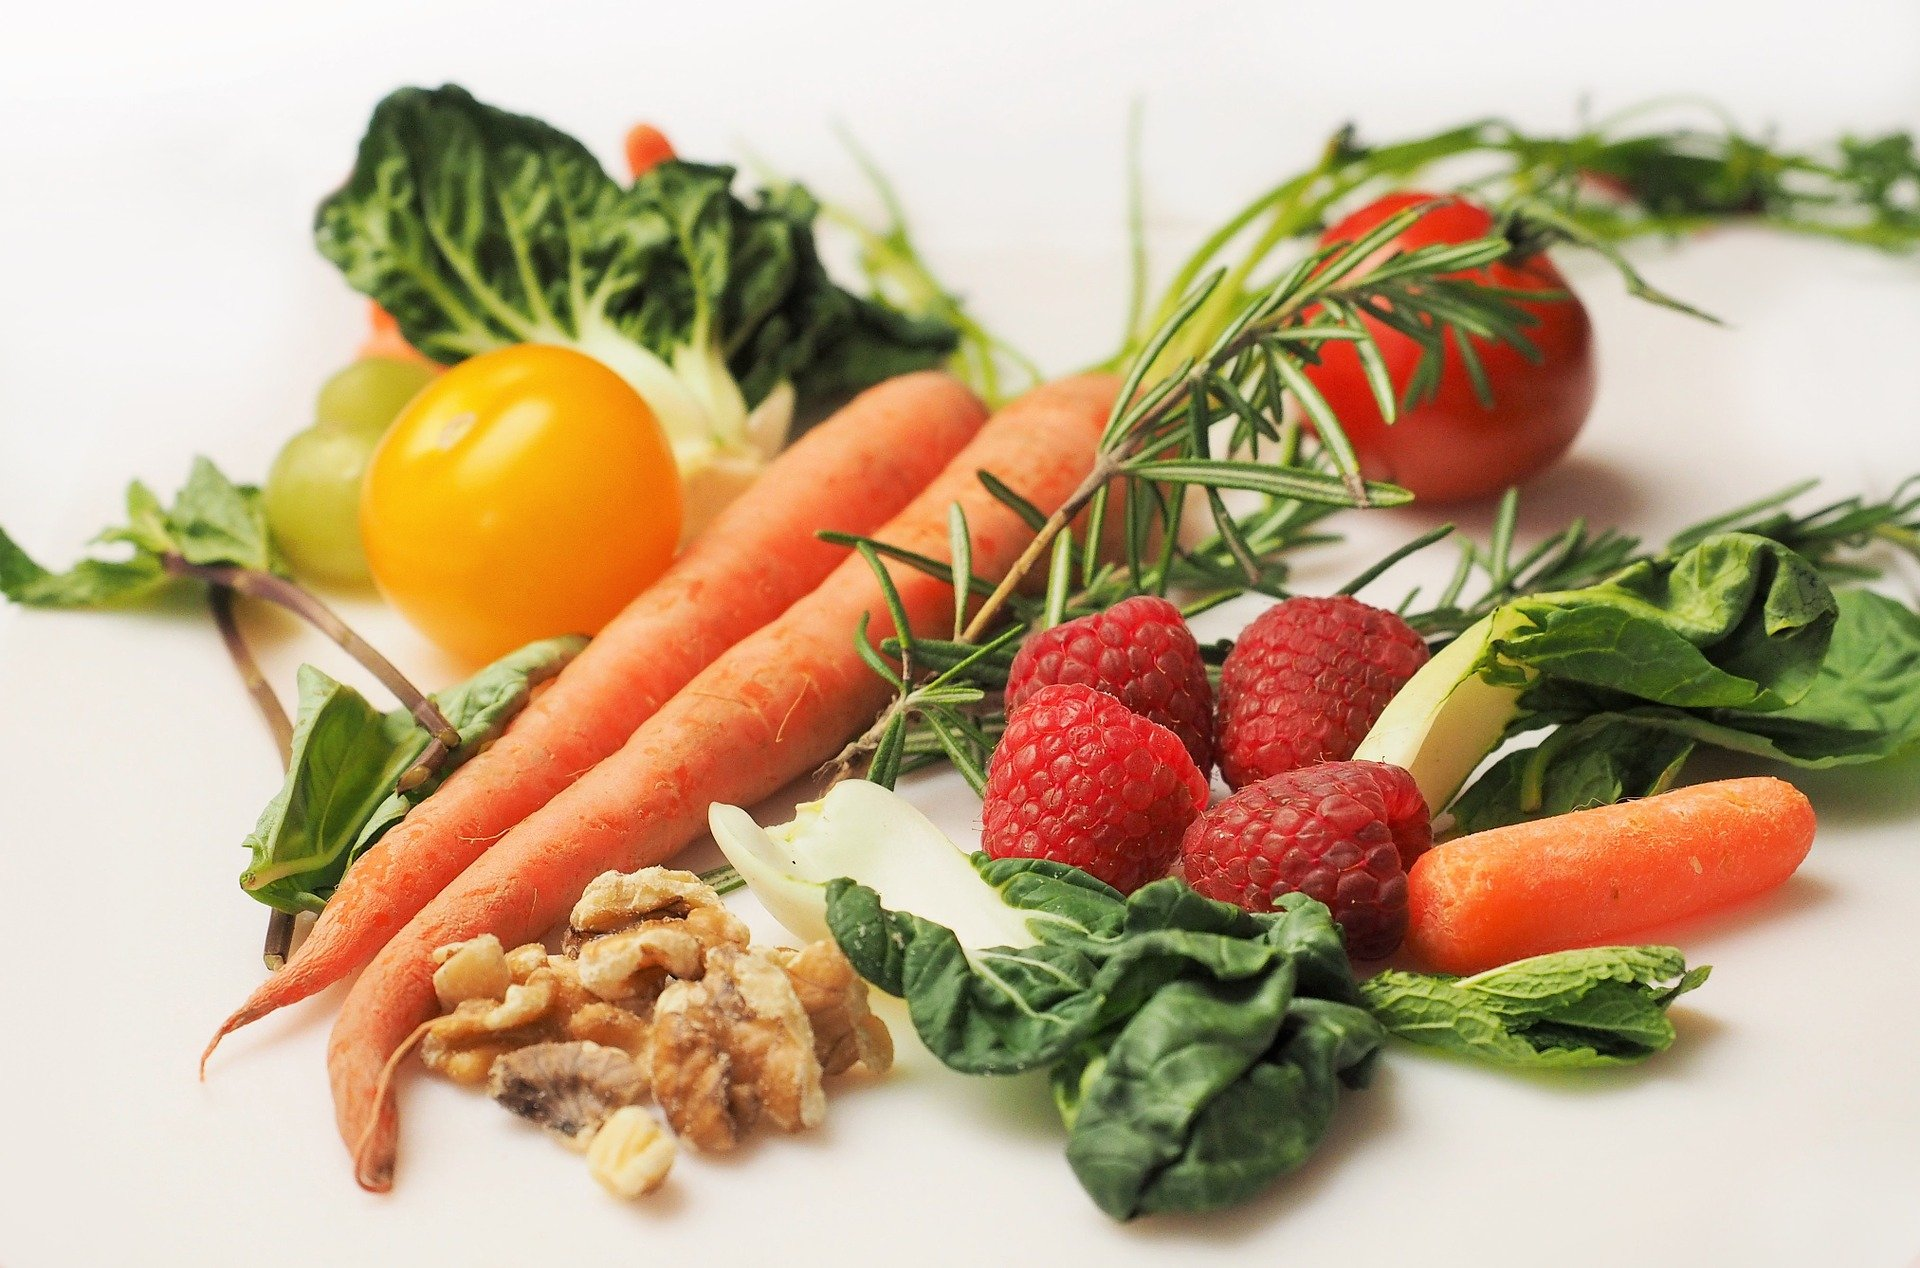 Rasperries, nuts and vegetables.